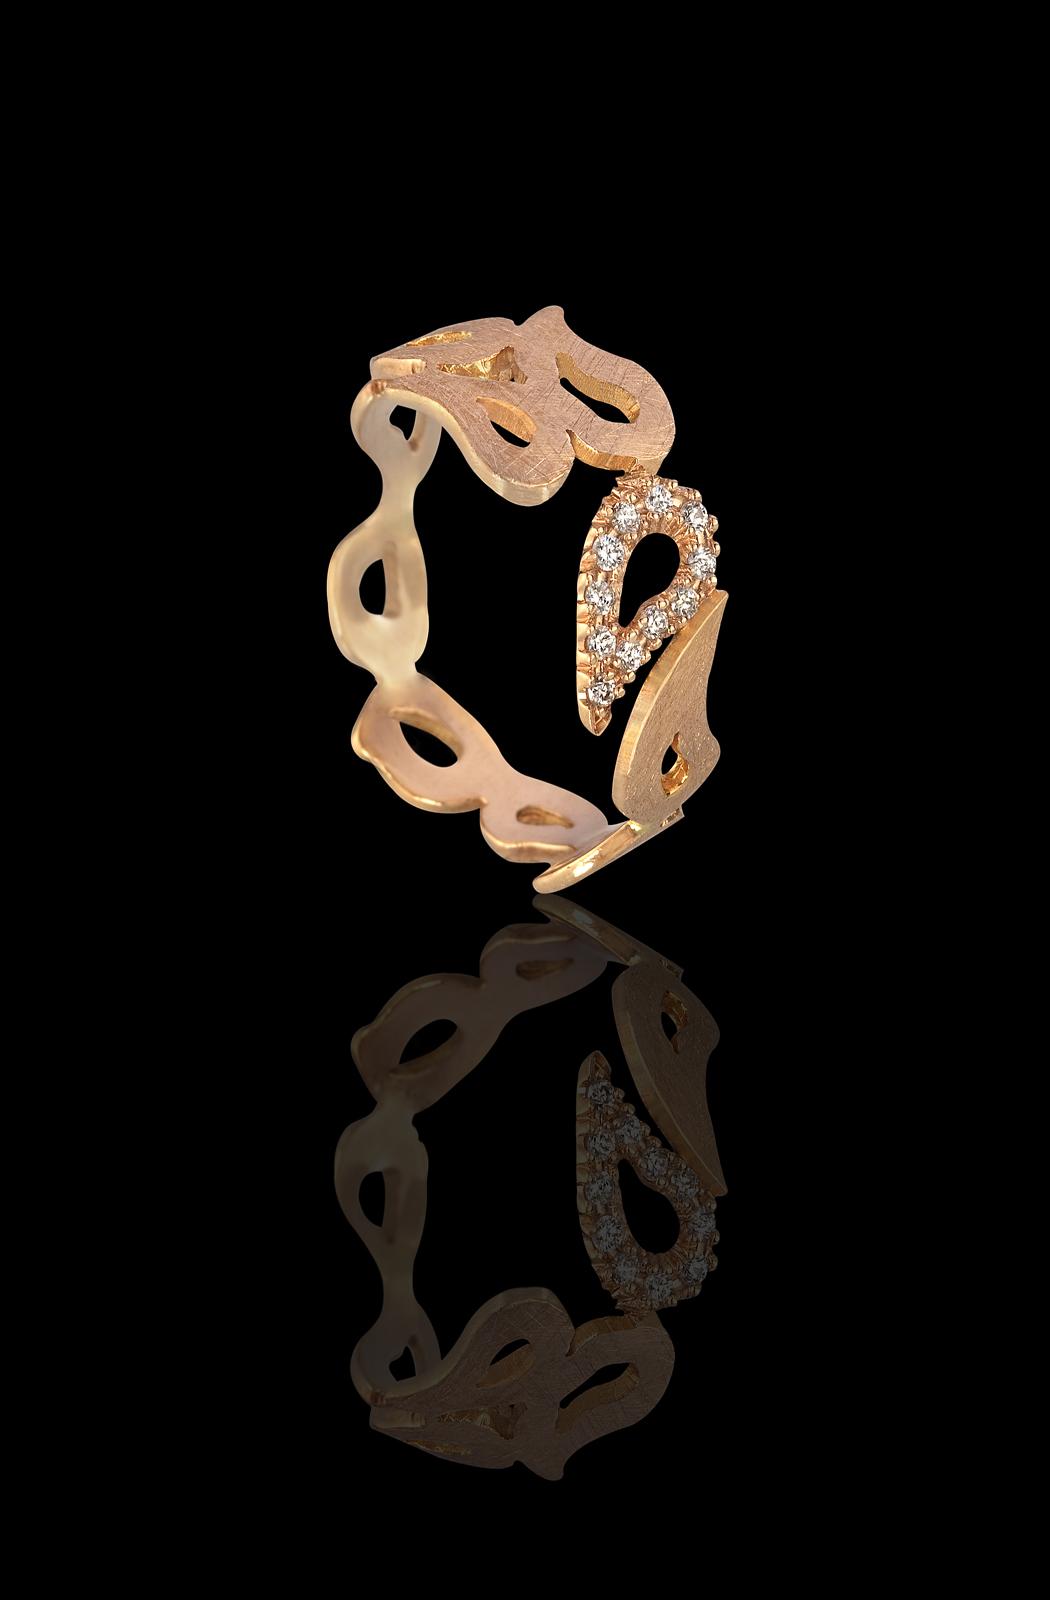 טבעת עשויה טיפות זהב צהוב 18K בשיבוץ יהלומים